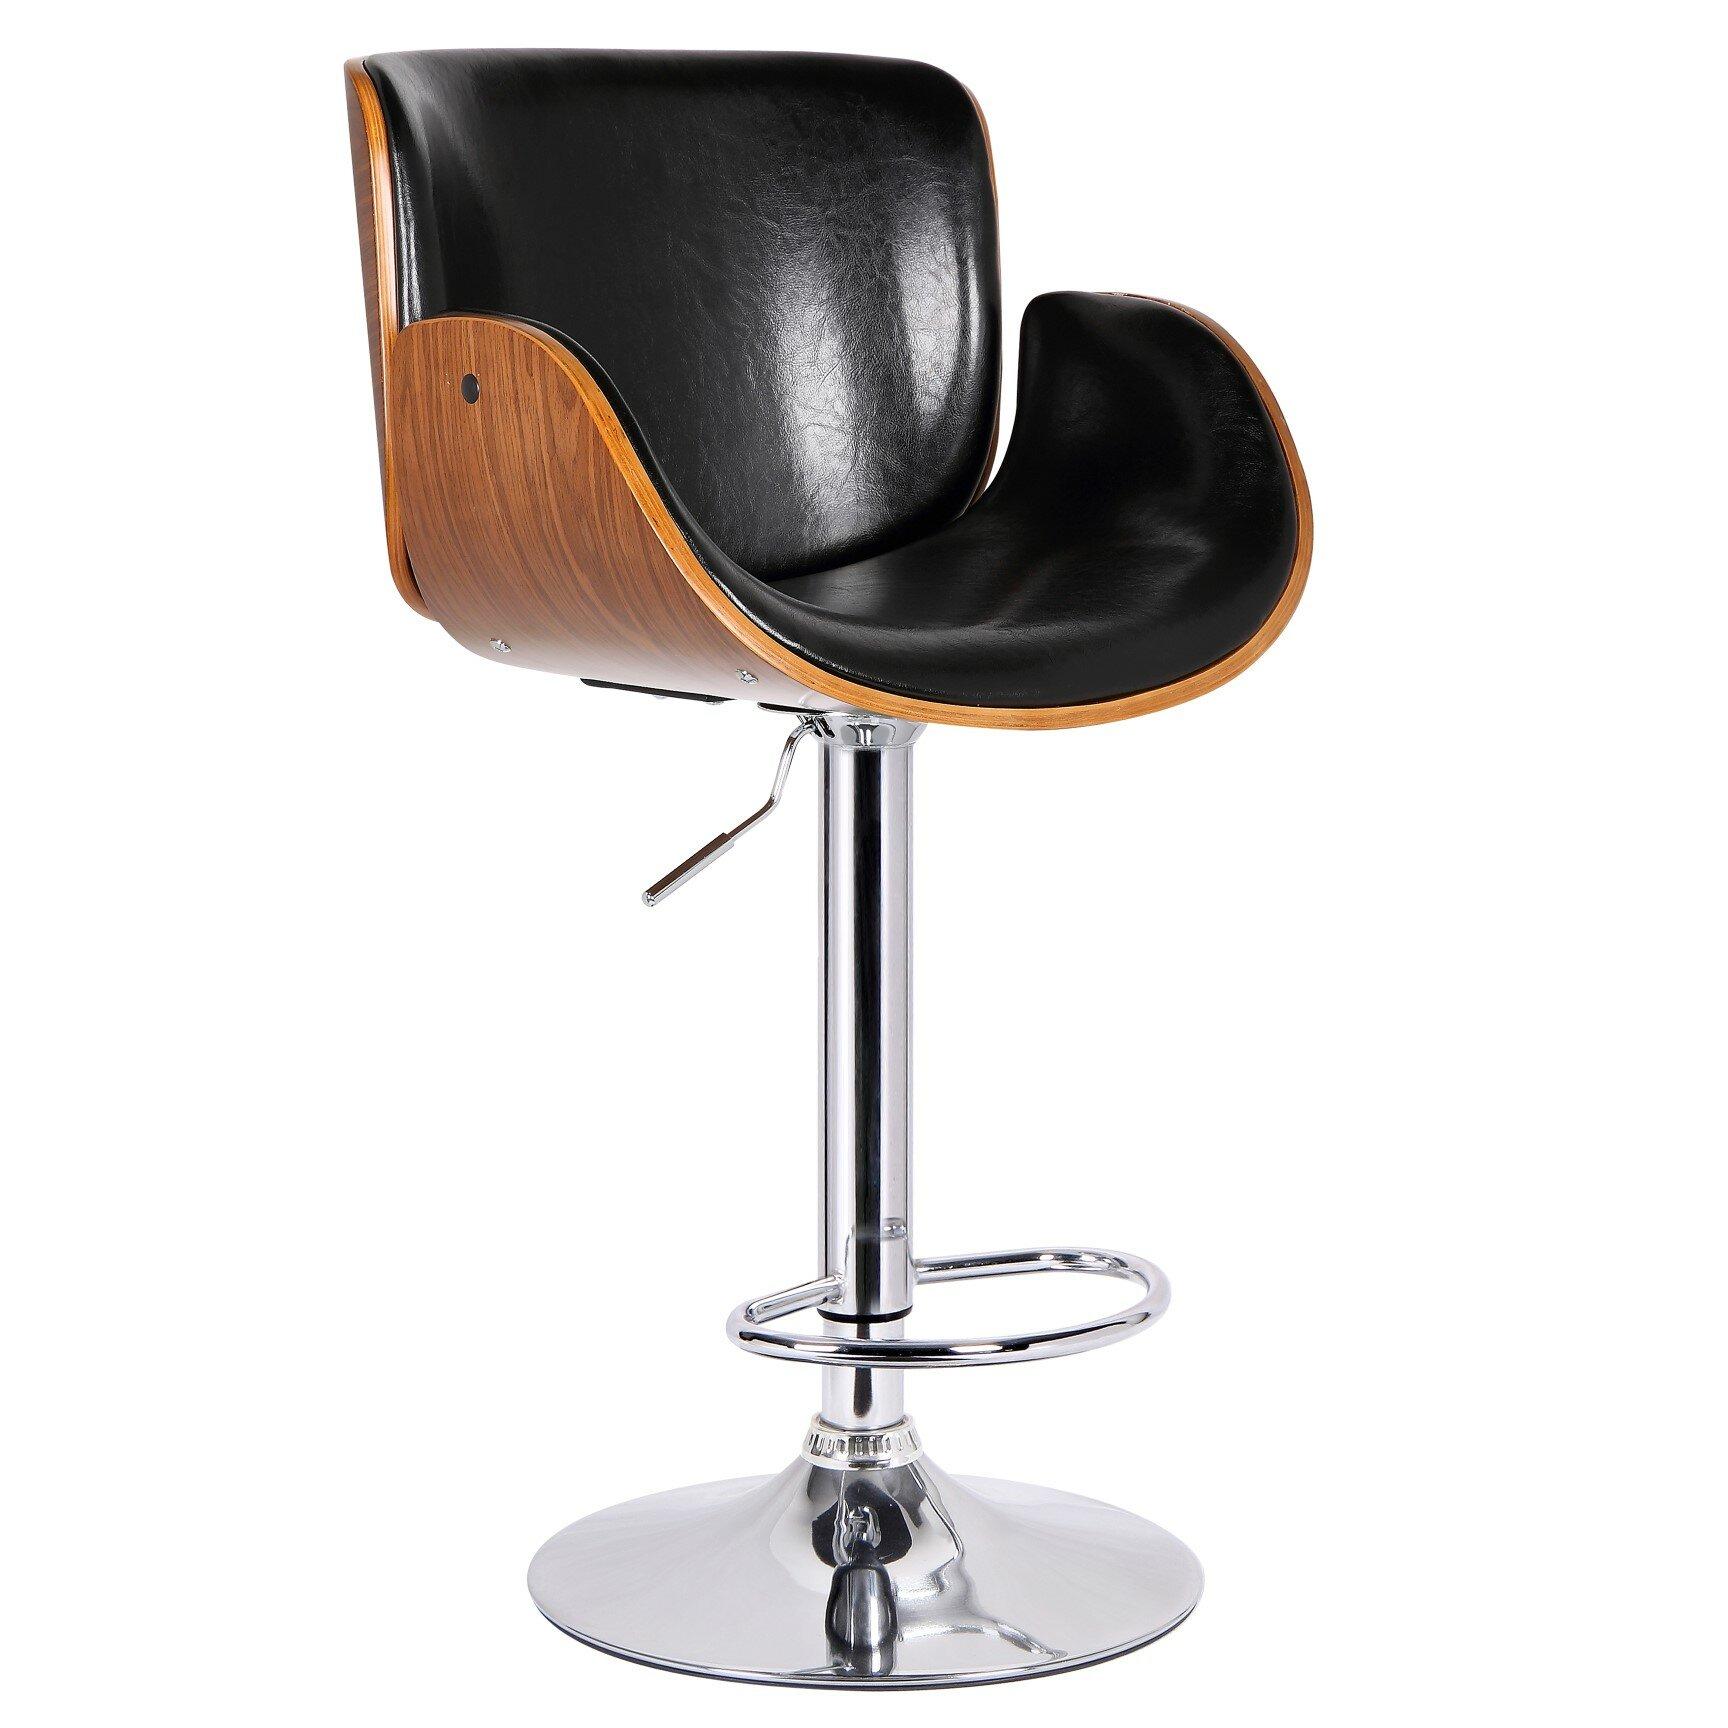 adjustable height swivel bar stool. Adjustable Height Swivel Bar Stool S